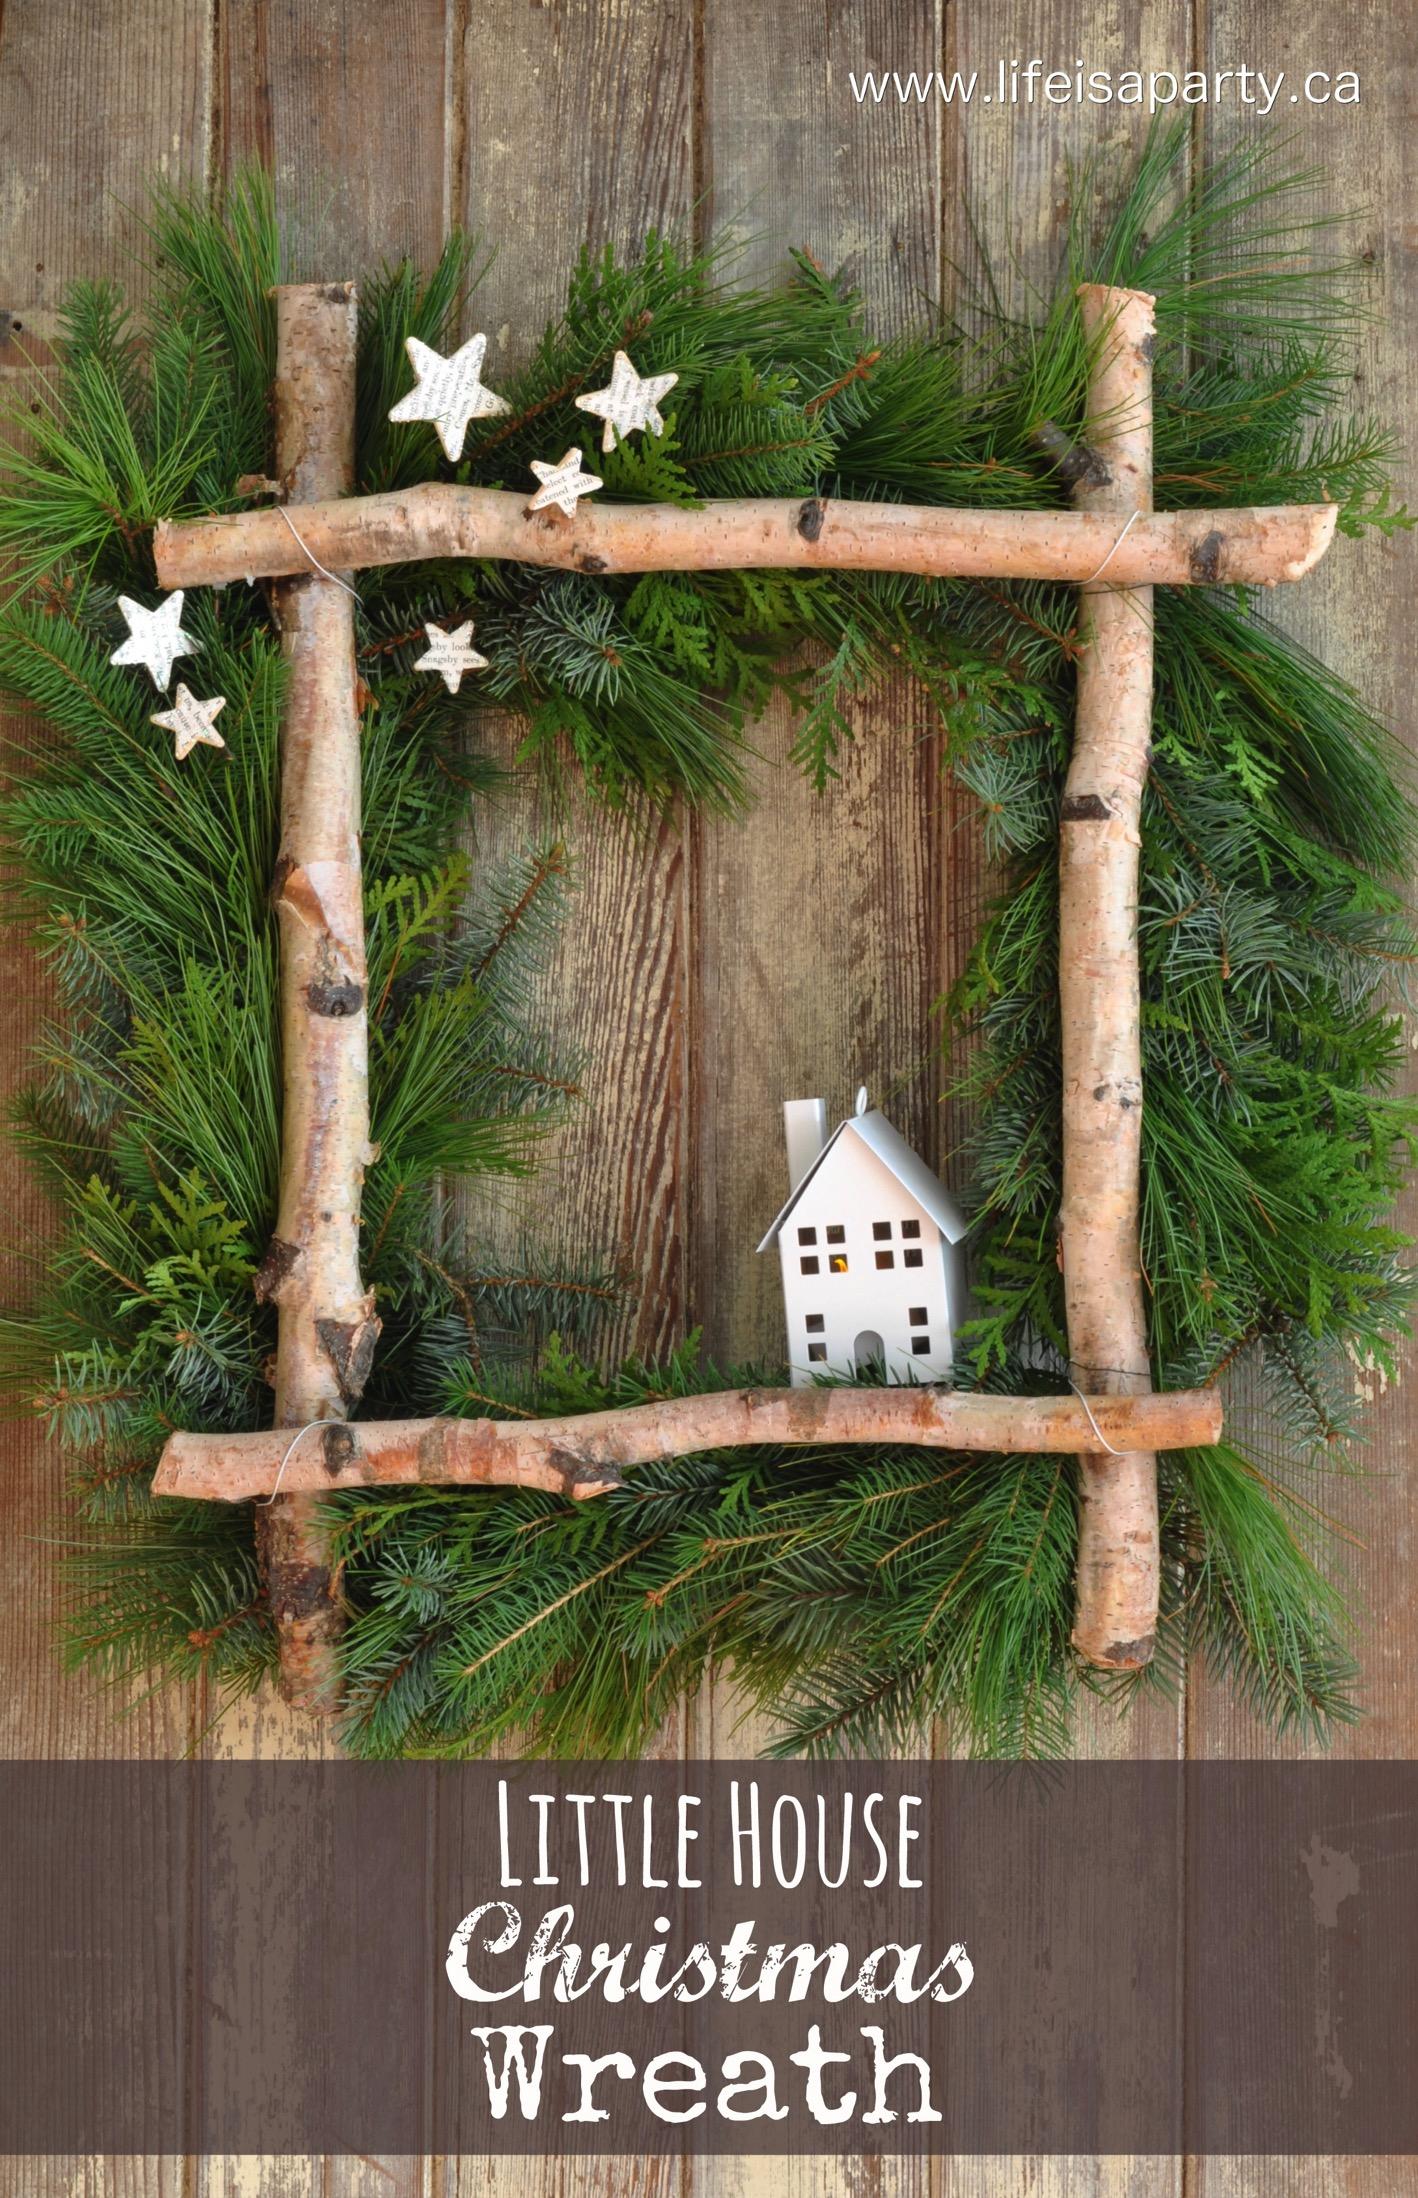 Little House Christmas Wreath